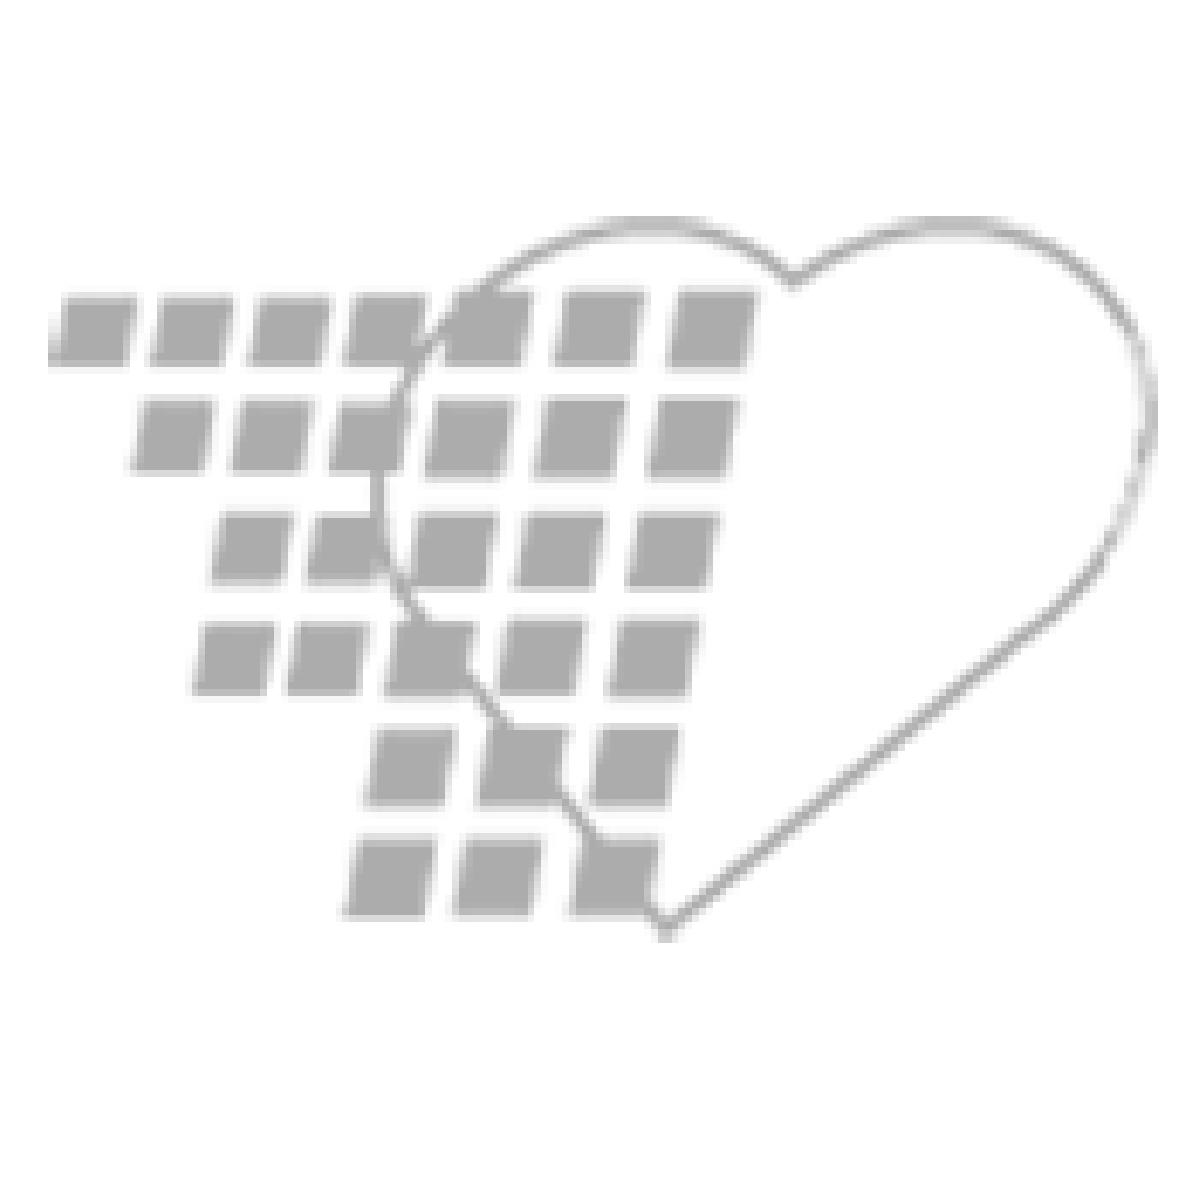 12-24-9134 OB Monitoring Pucks for Fetal Monitoring